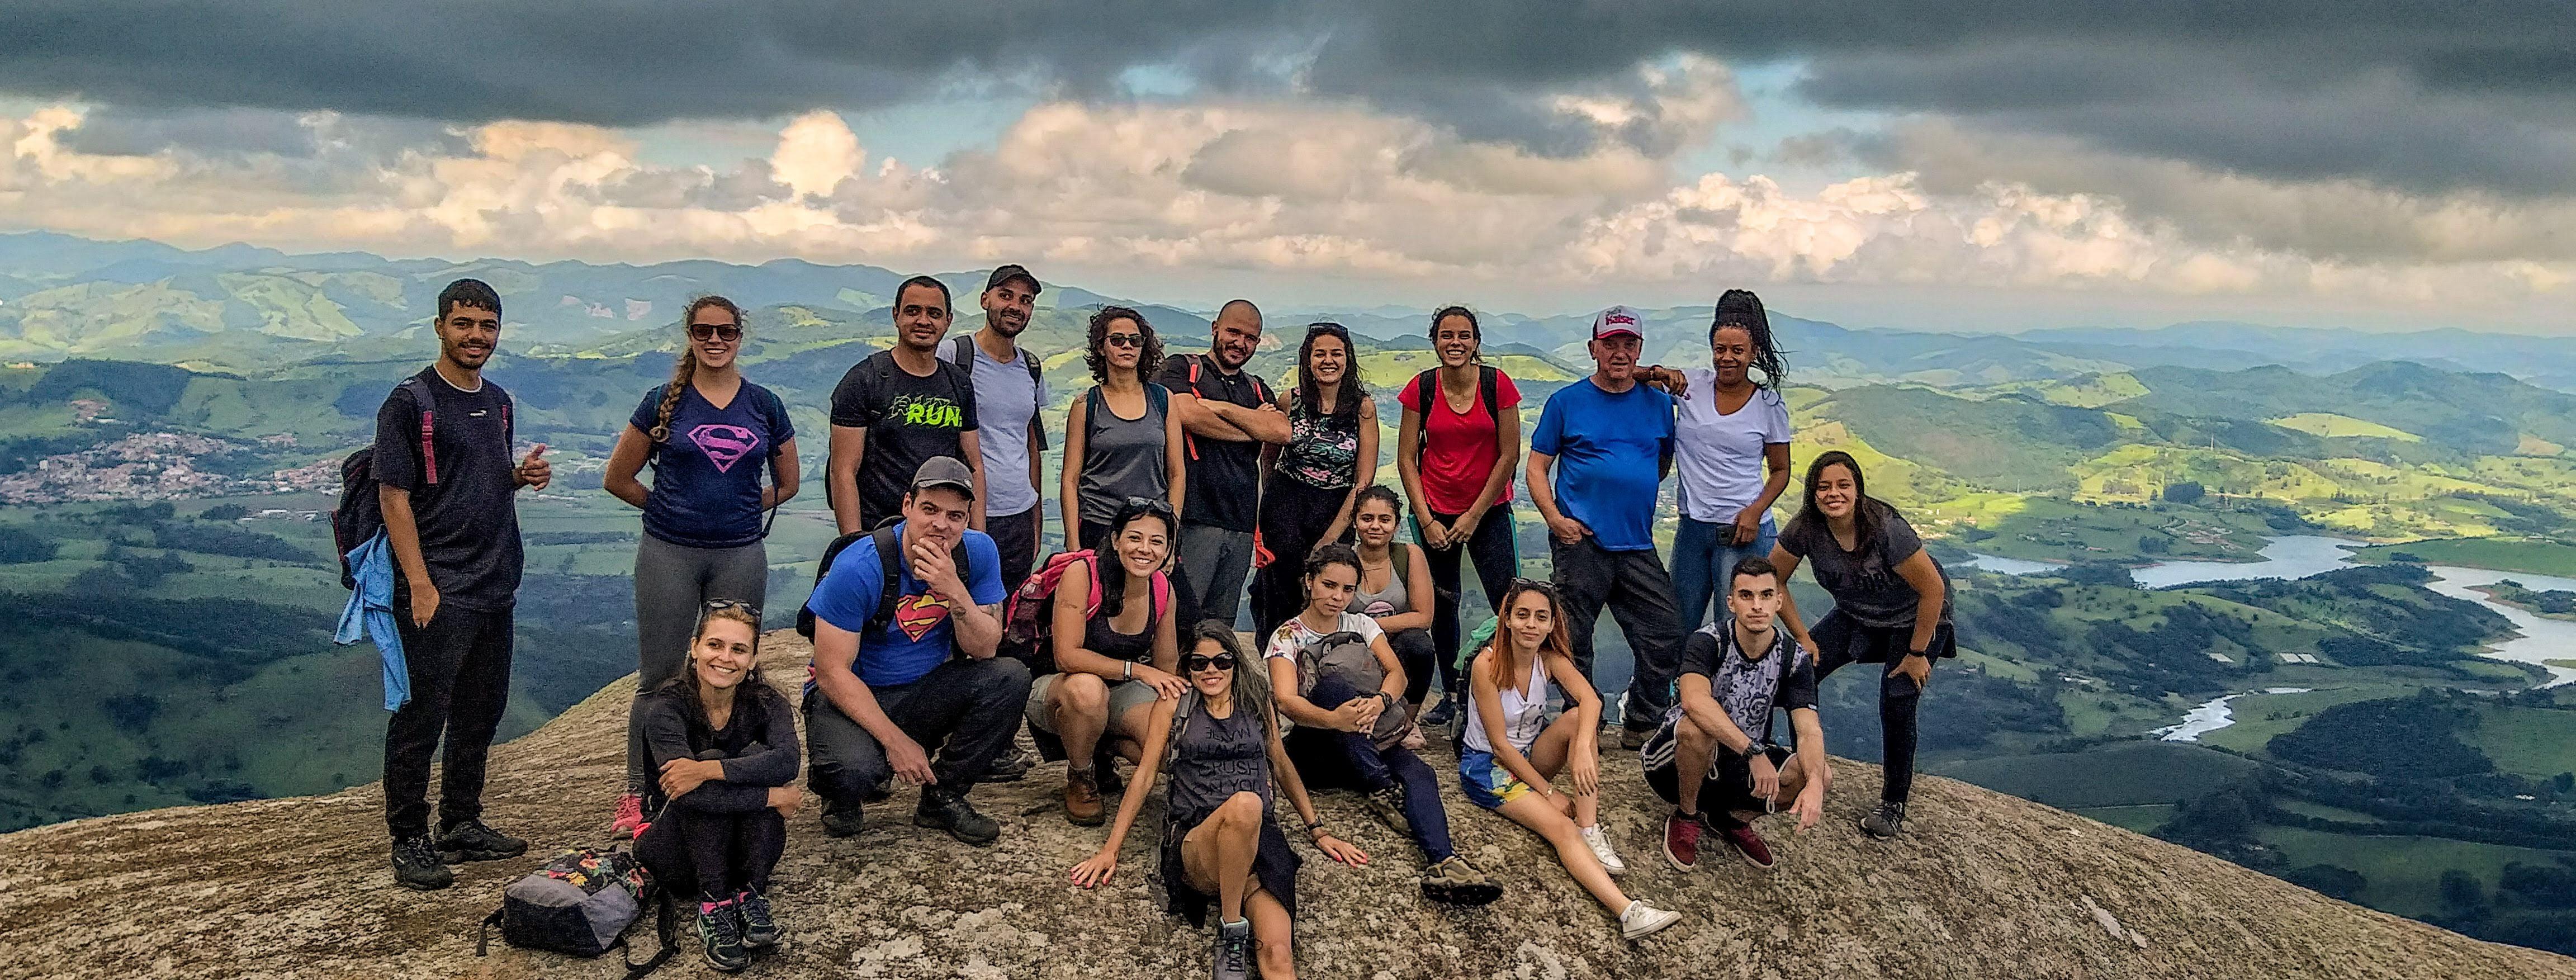 5 - Pico do Lopo 24.3.19